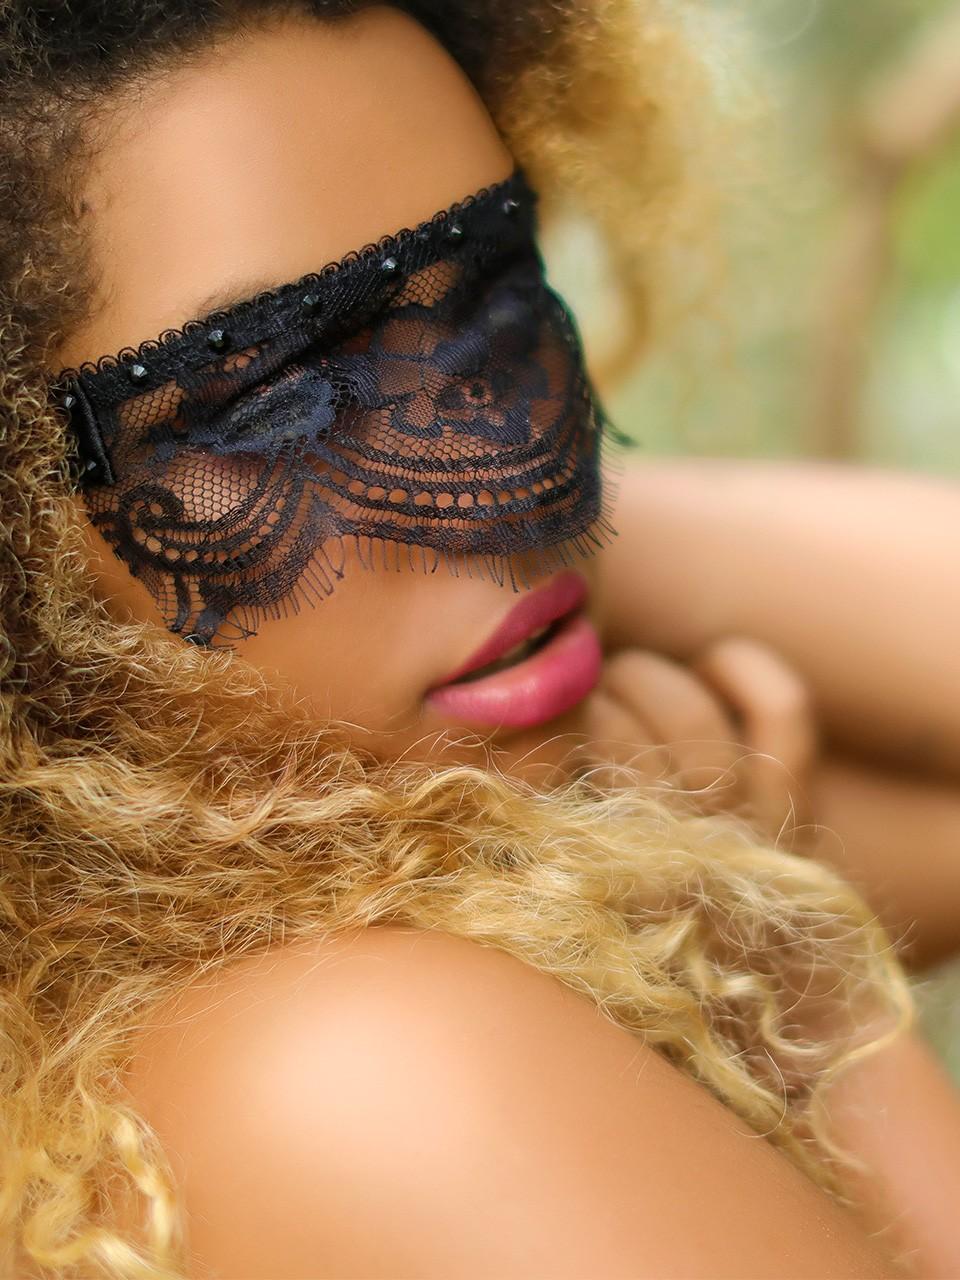 Masque en dentelle - Sheena